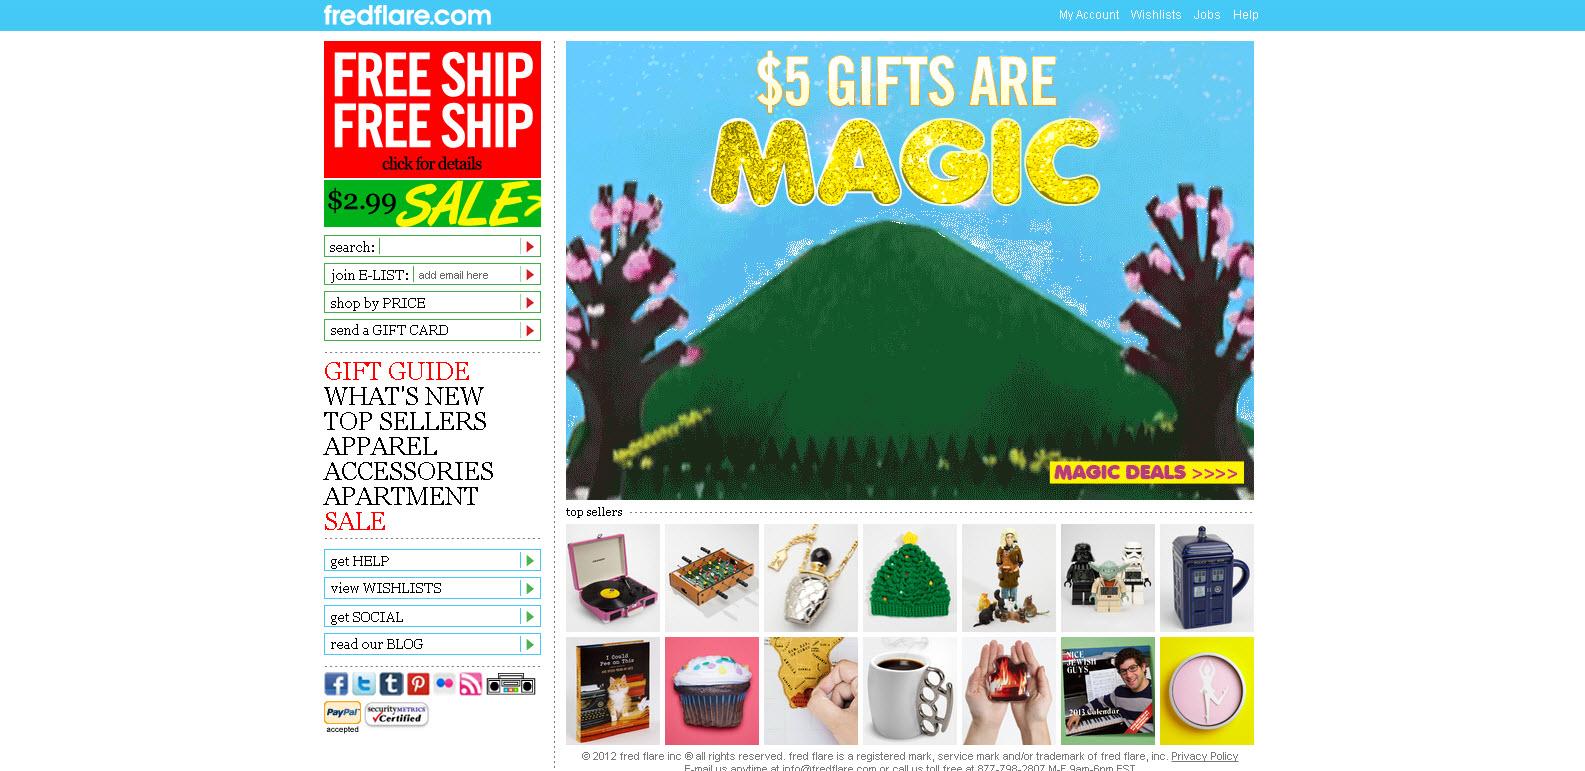 FredFlare.com - Cadeaux et Objets Uniques